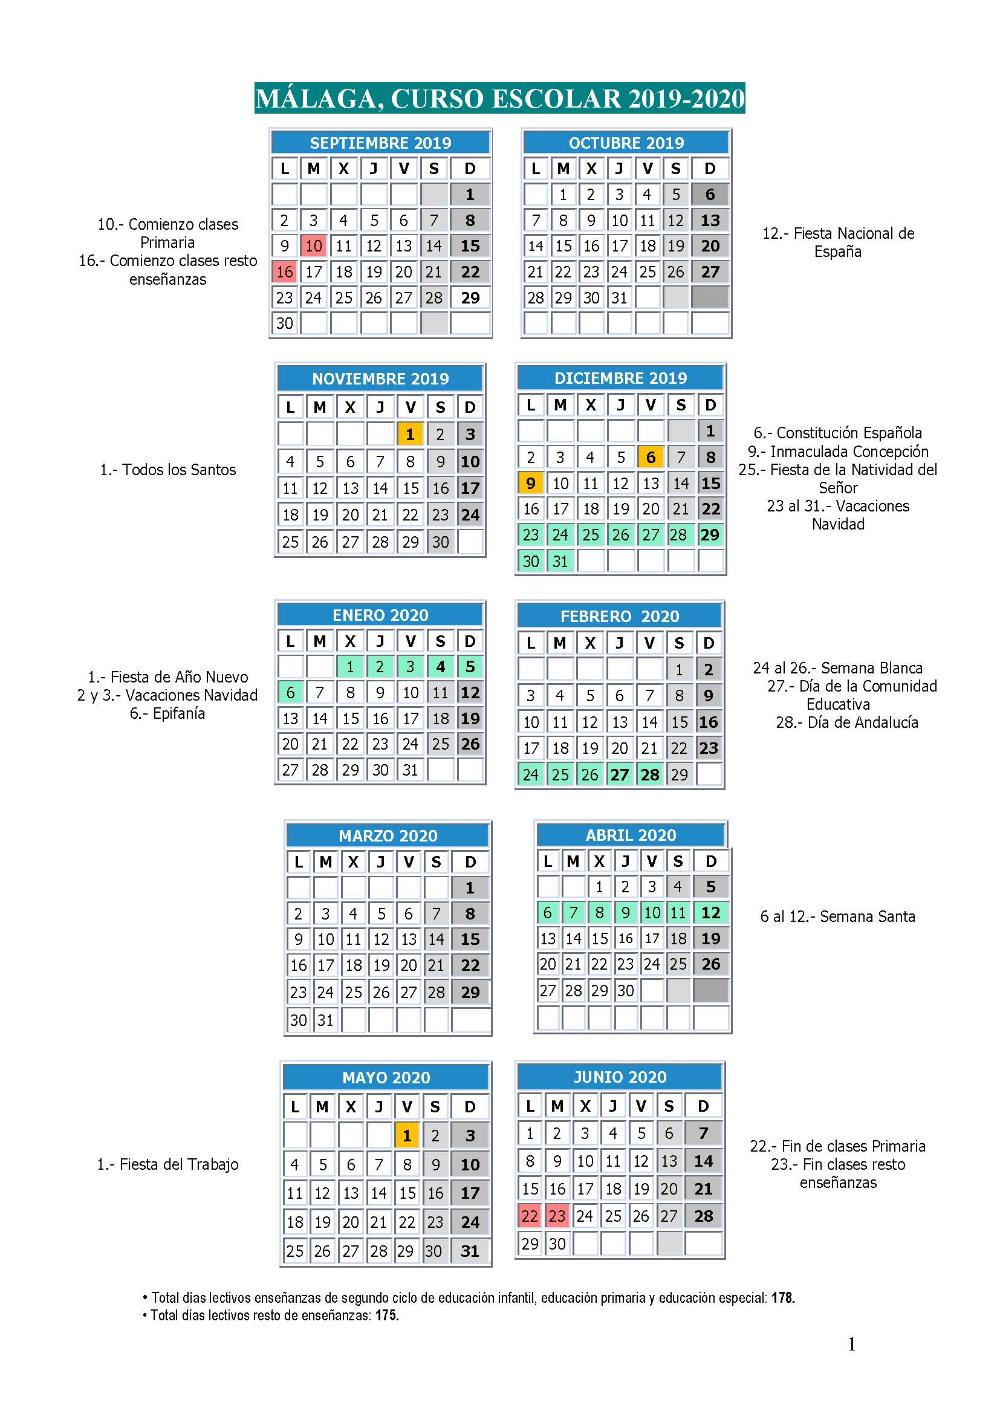 Calendario Escolar Curso 2019 2020 Educación En Málaga Calendario Escolar Calendario Cursillo